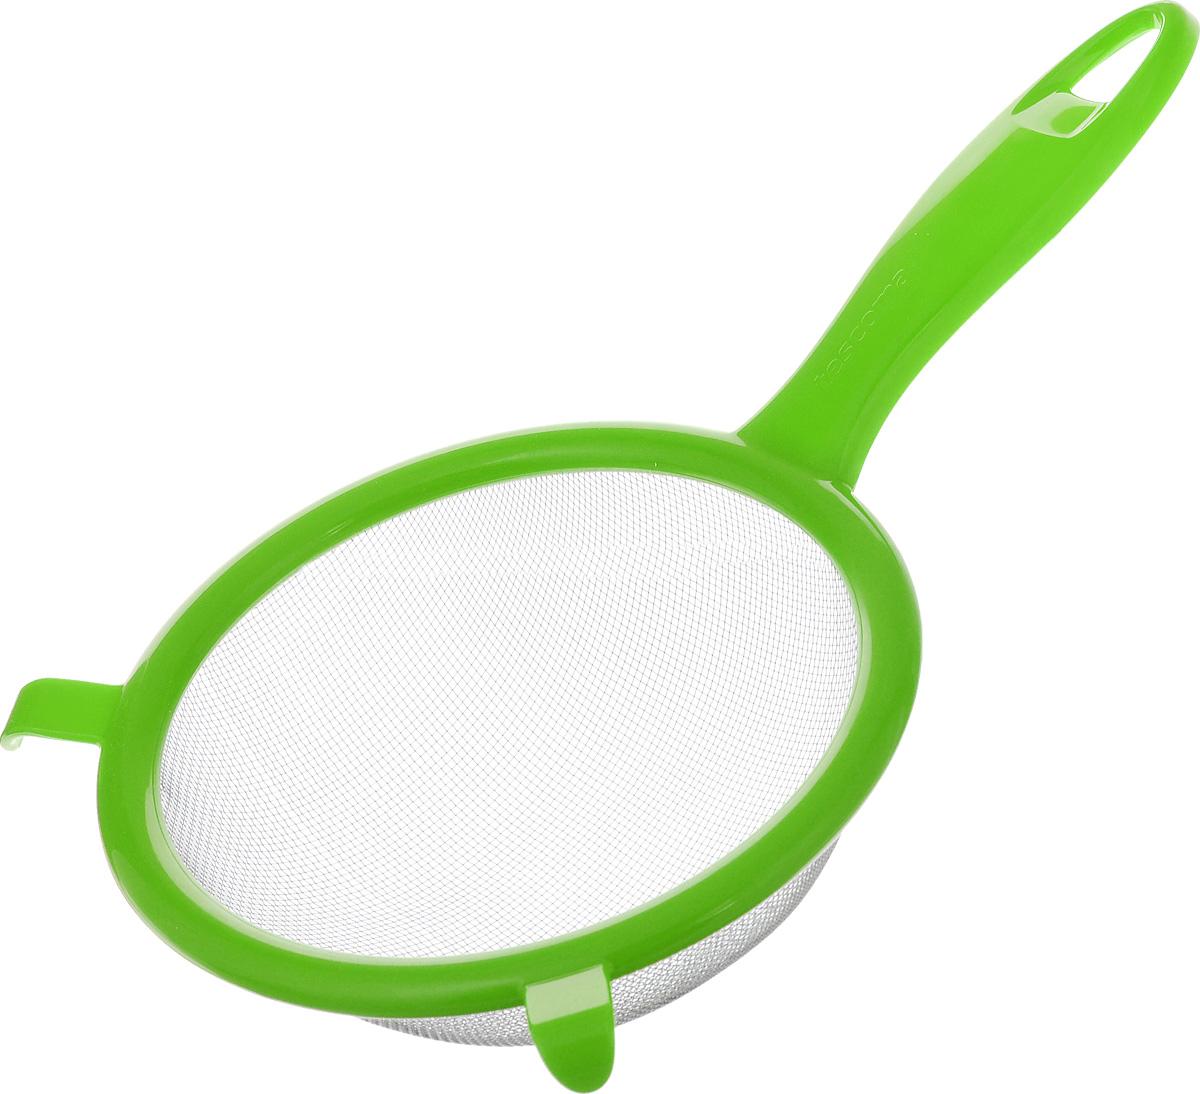 Сито Tescoma Presto, цвет: светло-зеленый, диаметр 14 см115510Сито Tescoma Presto изготовлено из высококачественной нержавеющей стали и прочного пластика. Изделие снабжено двумя выступами для установки на кастрюлю. Ручка снабжена отверстием для подвешивания на крючок. Сито предназначено для процеживания круп и макарон, просеивания муки, промывания ягод и фруктов. Такое сито станет незаменимым аксессуаром на вашей кухне. Можно мыть в посудомоечной машине. Диаметр сита: 14 см. Длина (с учетом ручки): 25 см.